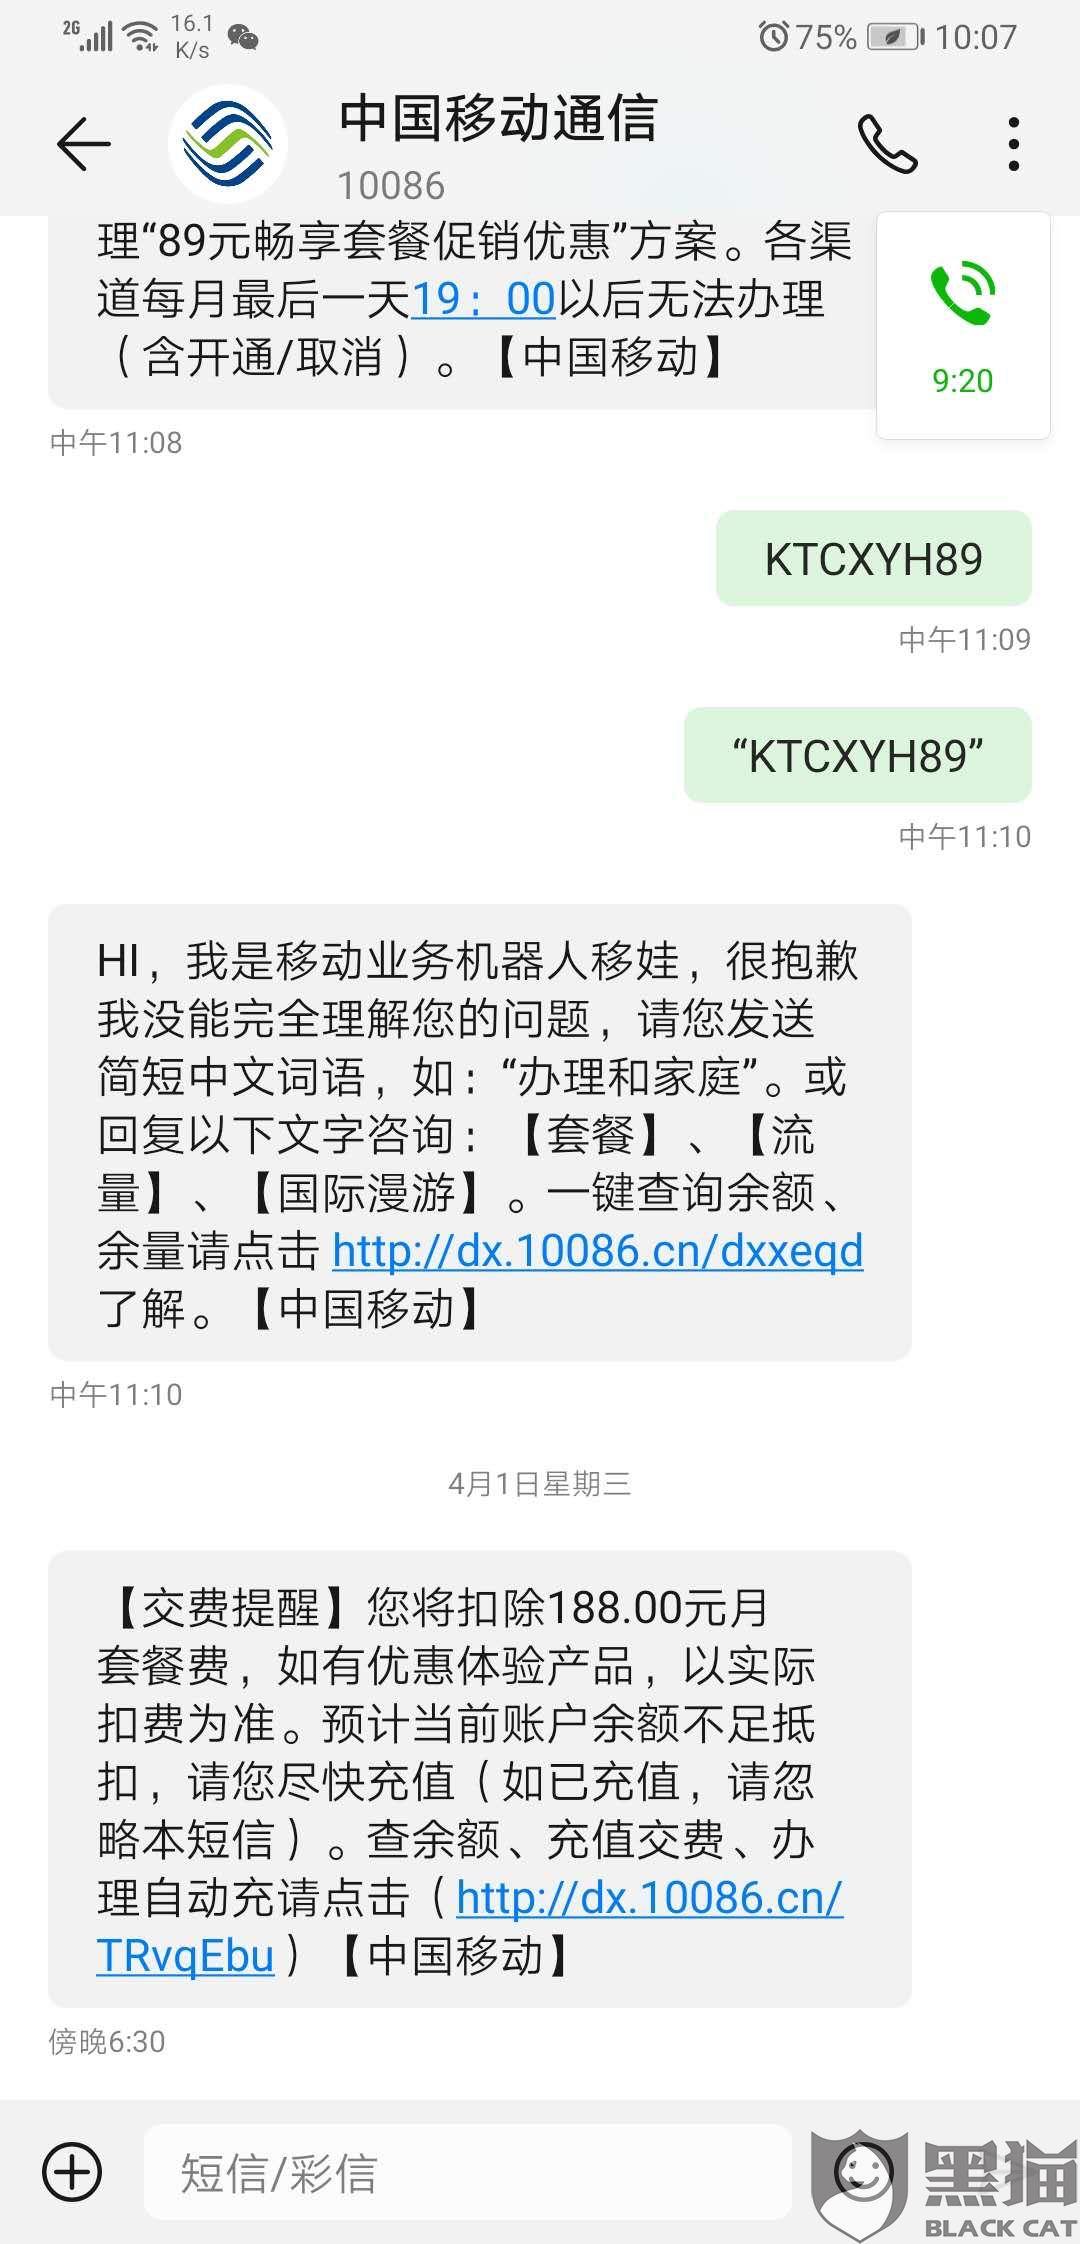 黑猫投诉:中国移动10086话务员不作为,要求尽快给我取消188元的欠费并更改套餐